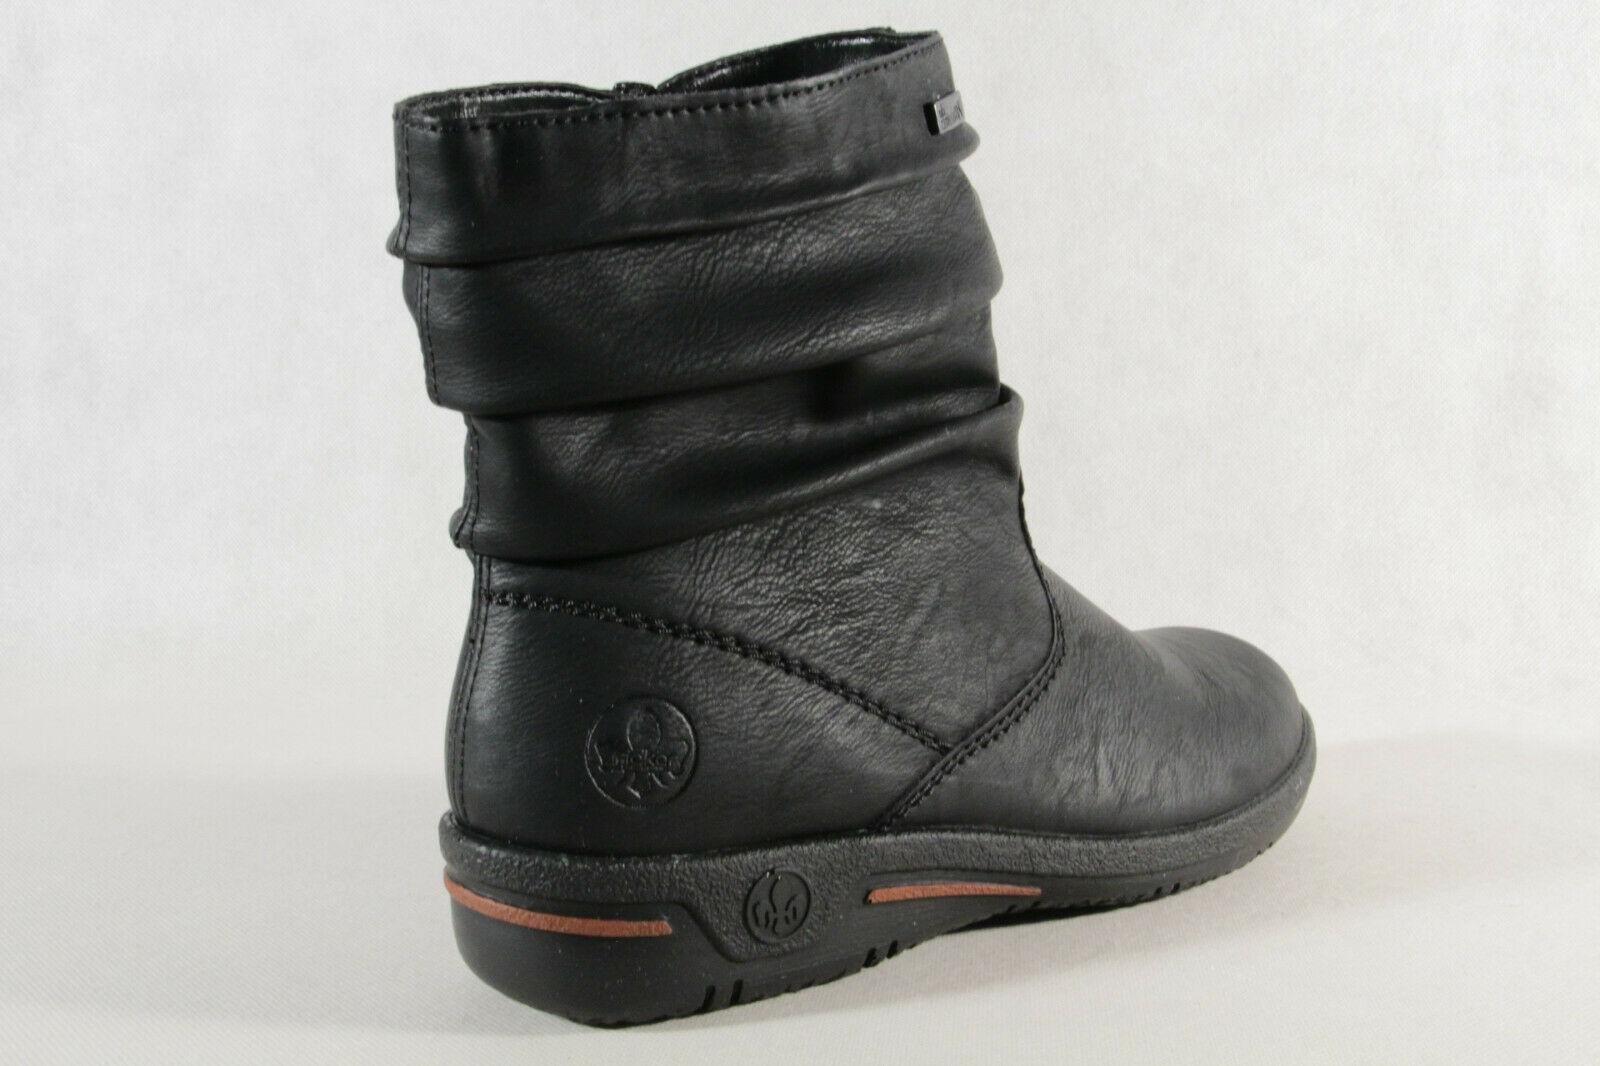 Rieker TEX Damen Stiefel Stiefeletten Schnürstiefel Boots schwarz Z1693 NEU!